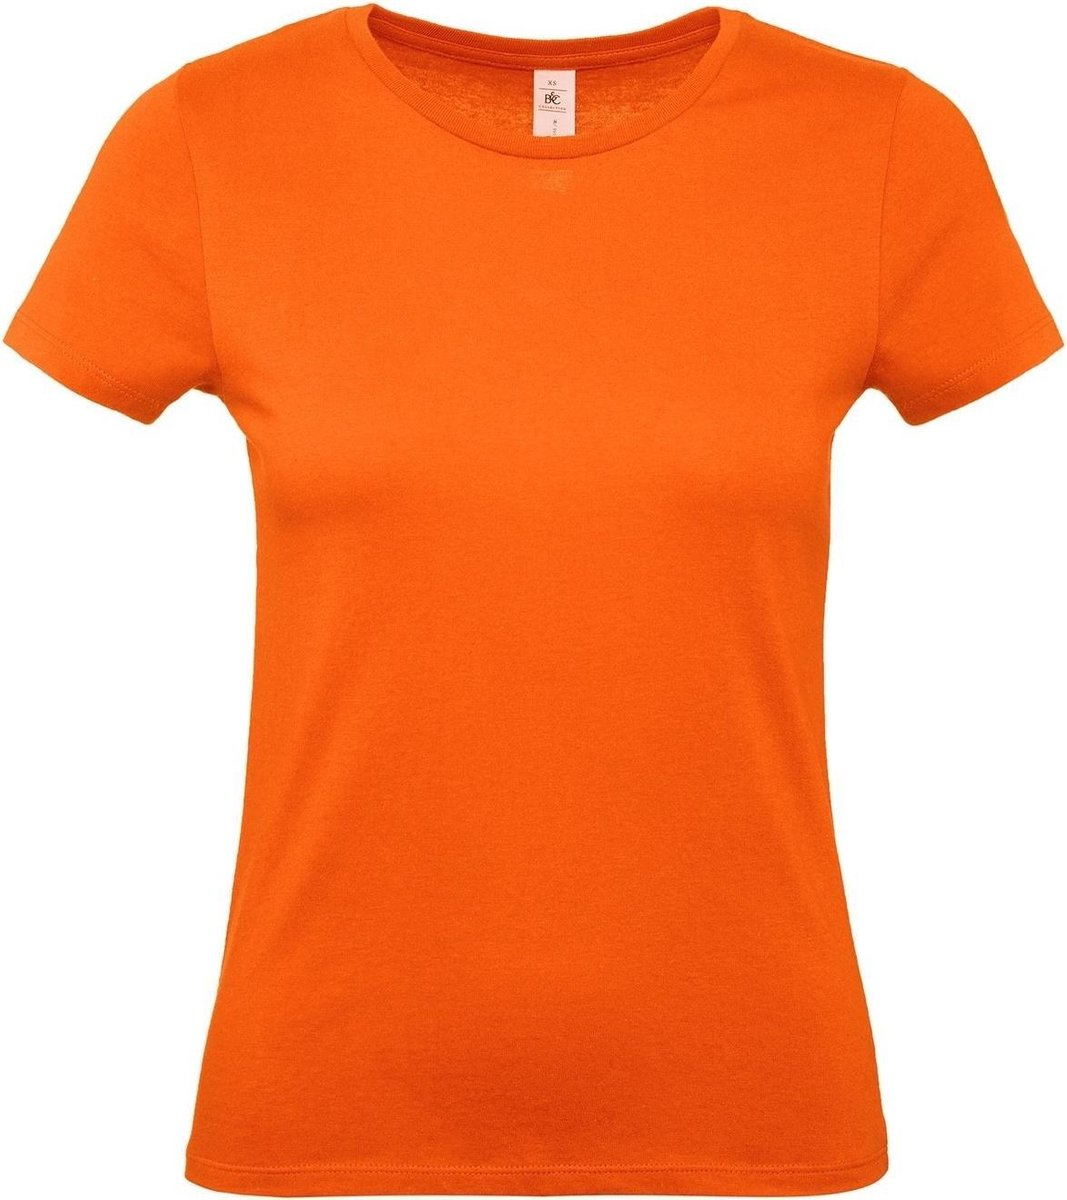 Oranje t-shirts met ronde hals voor dames - 100% katoen - Koningsdag / Nederland supporter M (38)